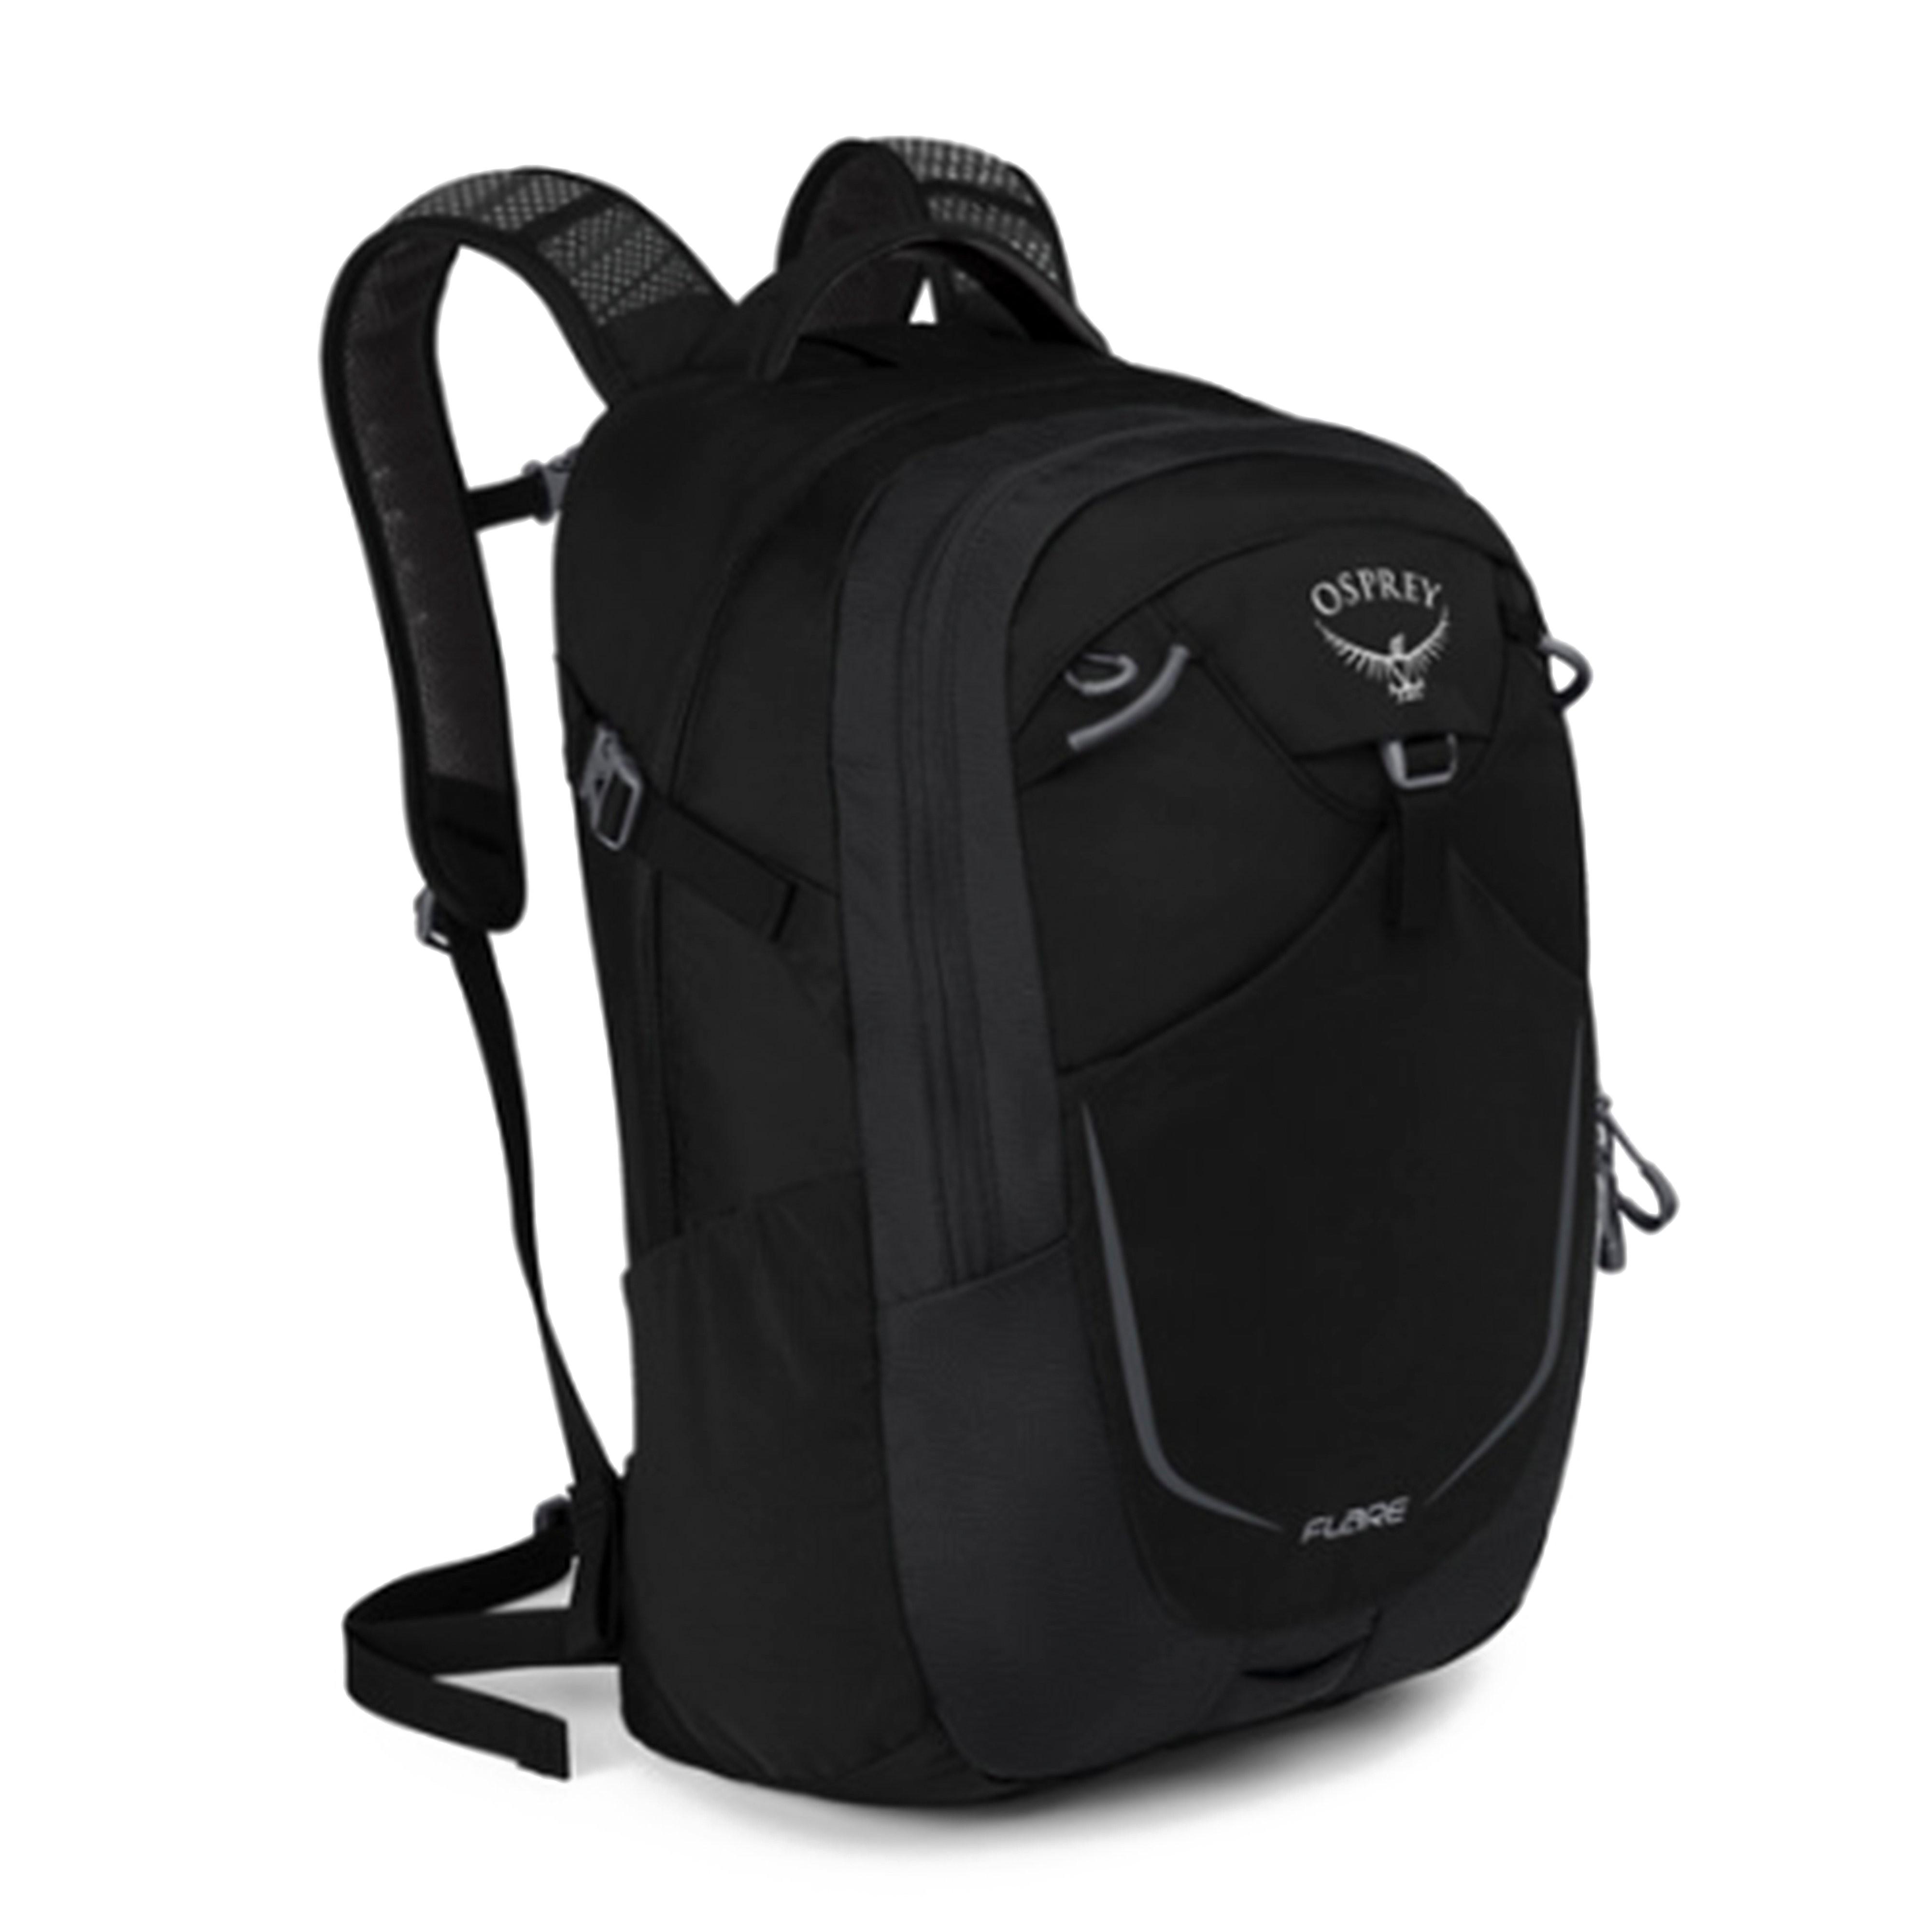 Osprey Flare 22 Backpack